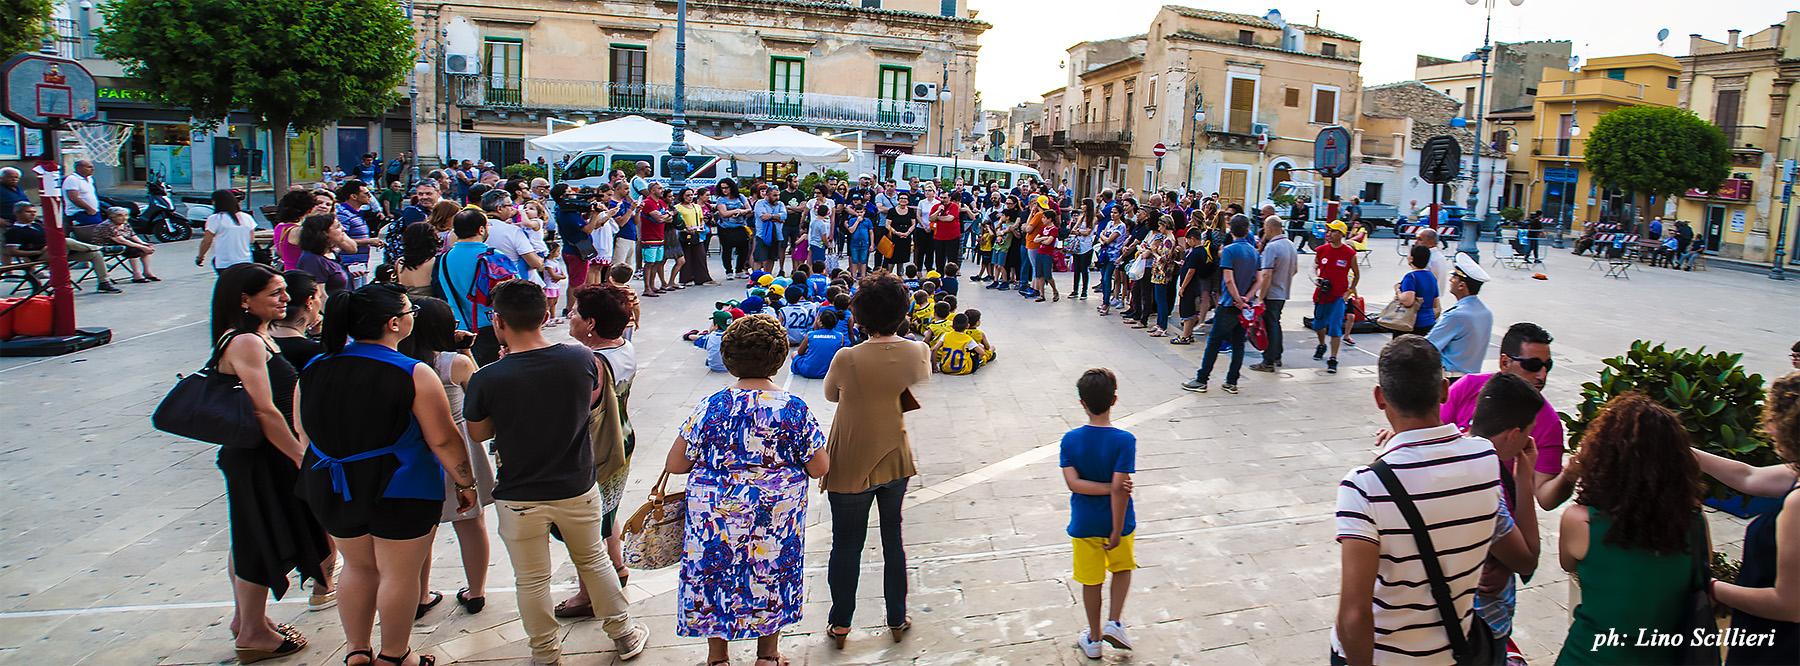 Basket, grande festa in piazza per la conclusione del Memorial Mandarà